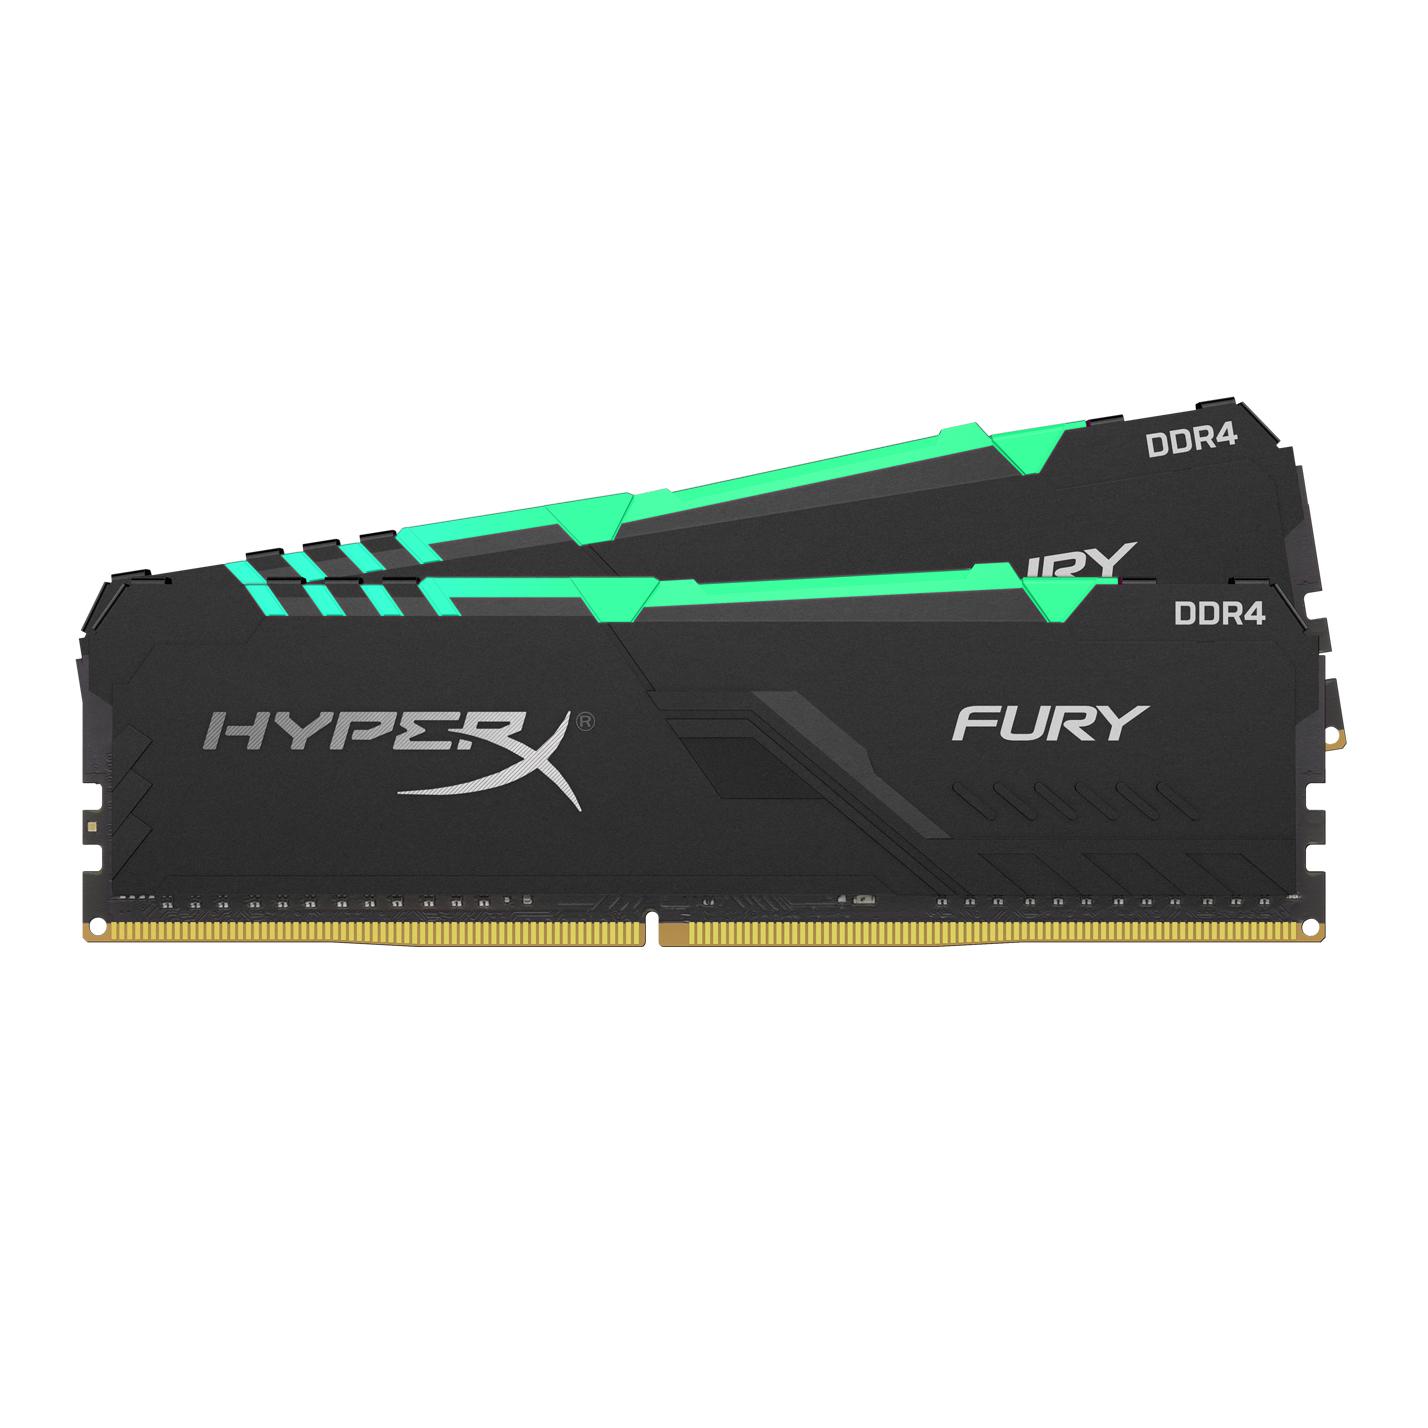 HyperX FURY HX430C15FB3AK2/16 memory module 16 GB DDR4 3000 MHz